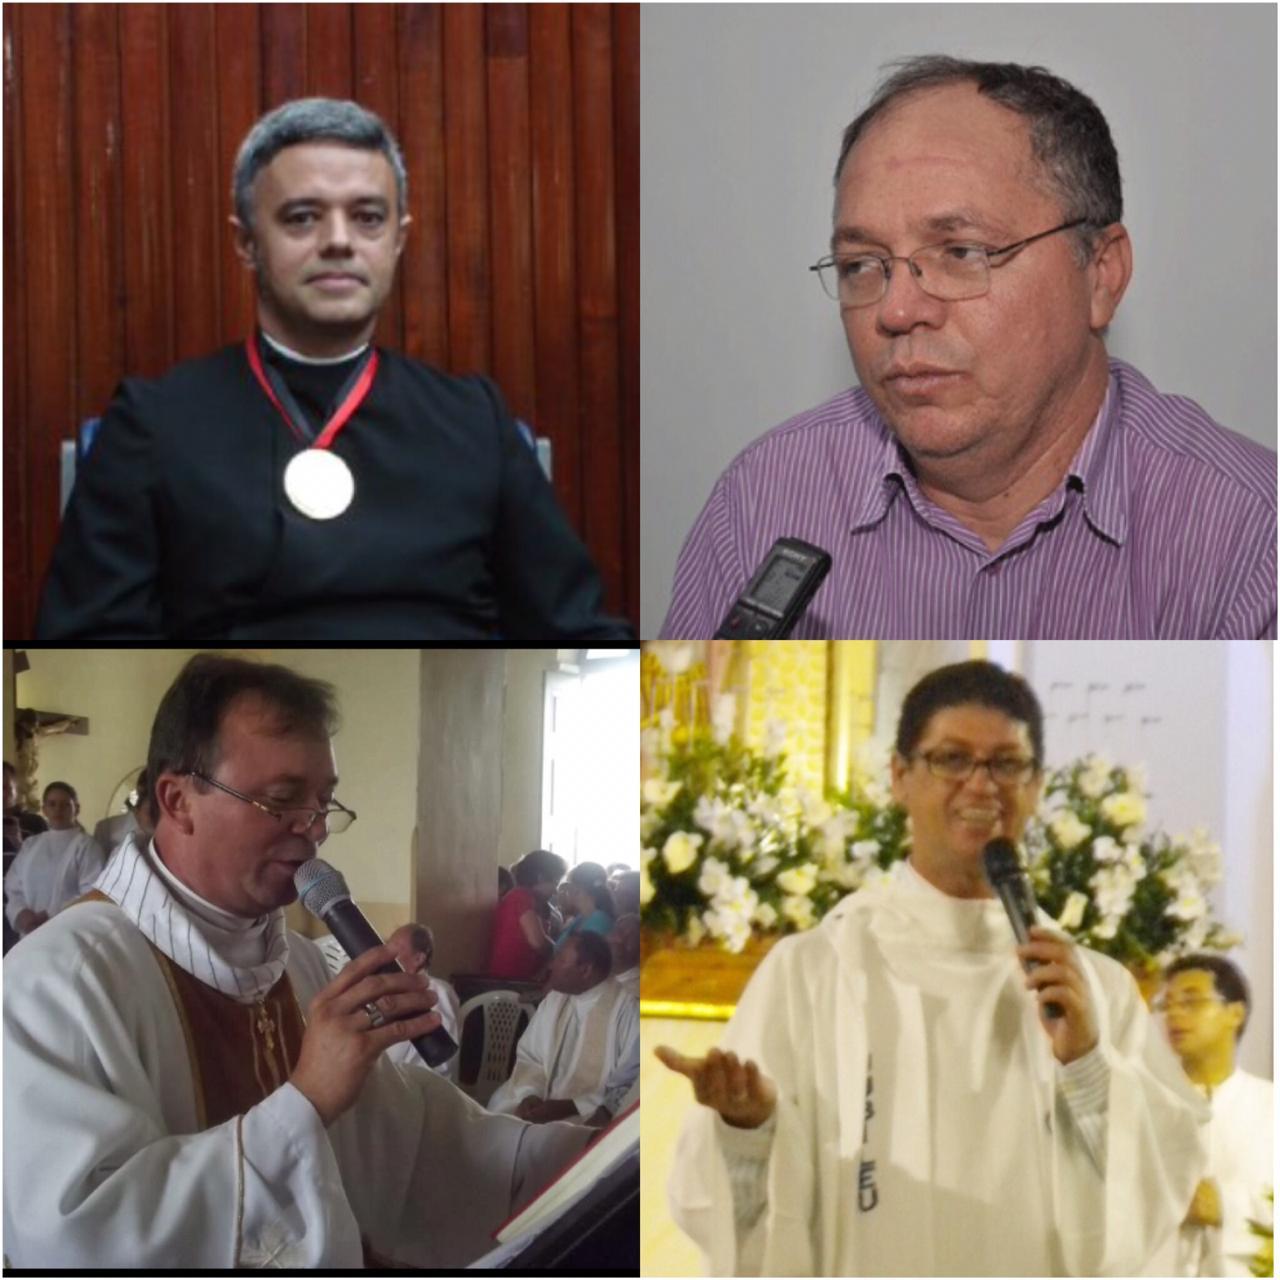 WhatsApp Image 2019 01 20 at 23.20.55 - R$ 12 MILHÕES DE INDENIZAÇÃO: Dom Aldo e quatro padres são acusados de exploração sexual de adolescentes; Veja vídeo